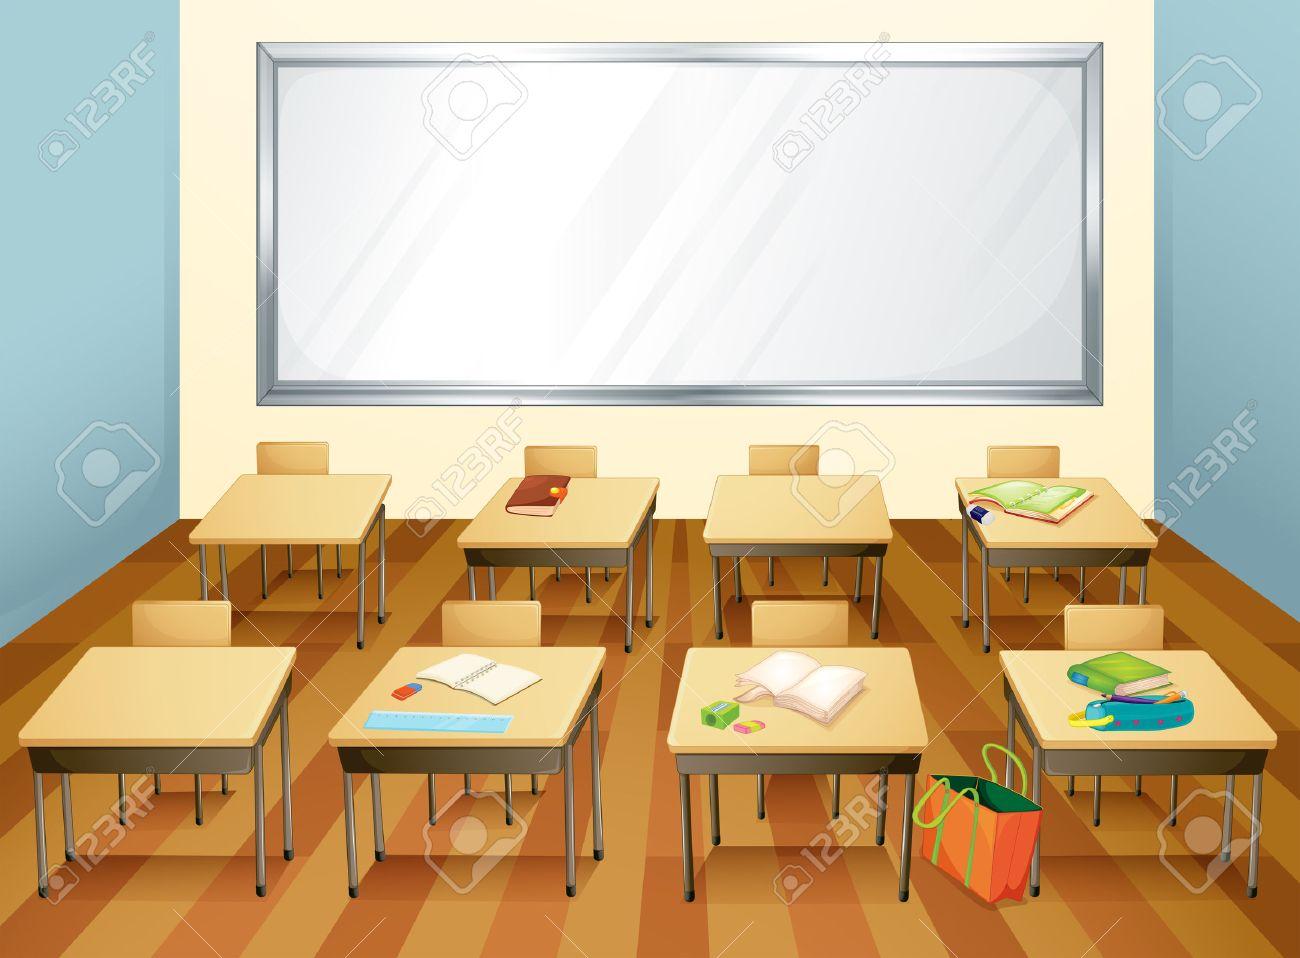 Klassenzimmer clipart  Leeres Klassenzimmer Mit Stationären Auf Den Tischen Lizenzfrei ...